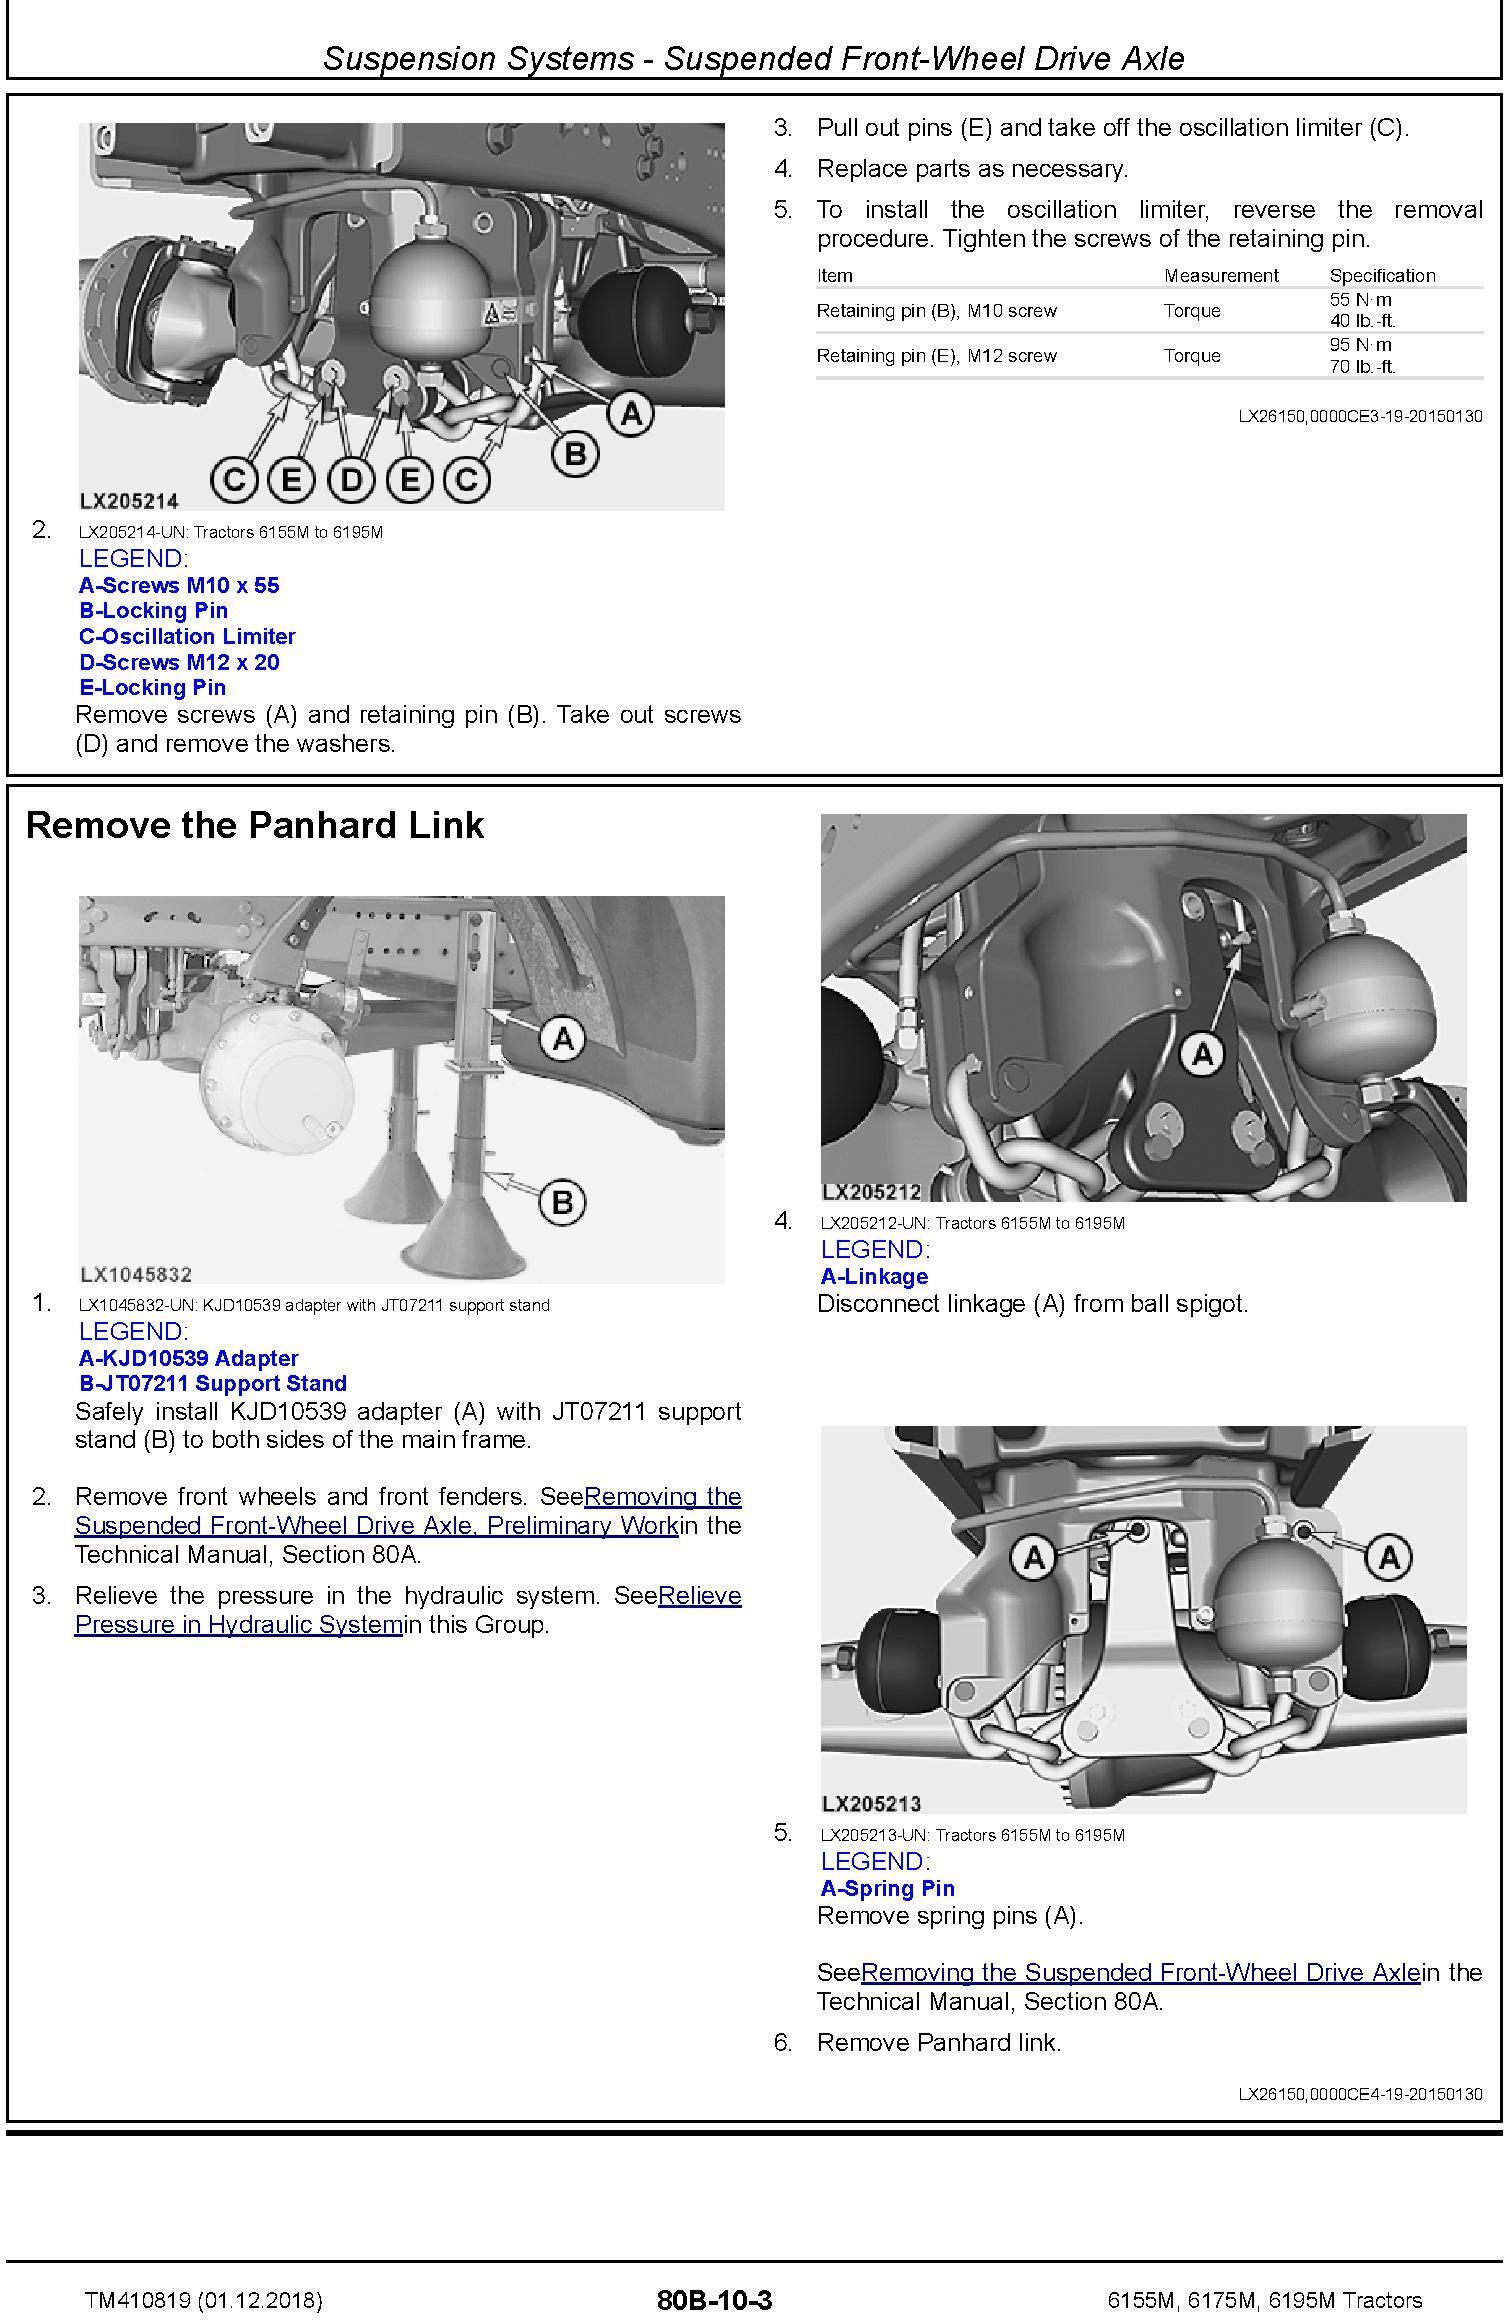 John Deere 6155M, 6175M, 6195M Tractors (MY18) Repair Technical Manual (TM410819) - 3